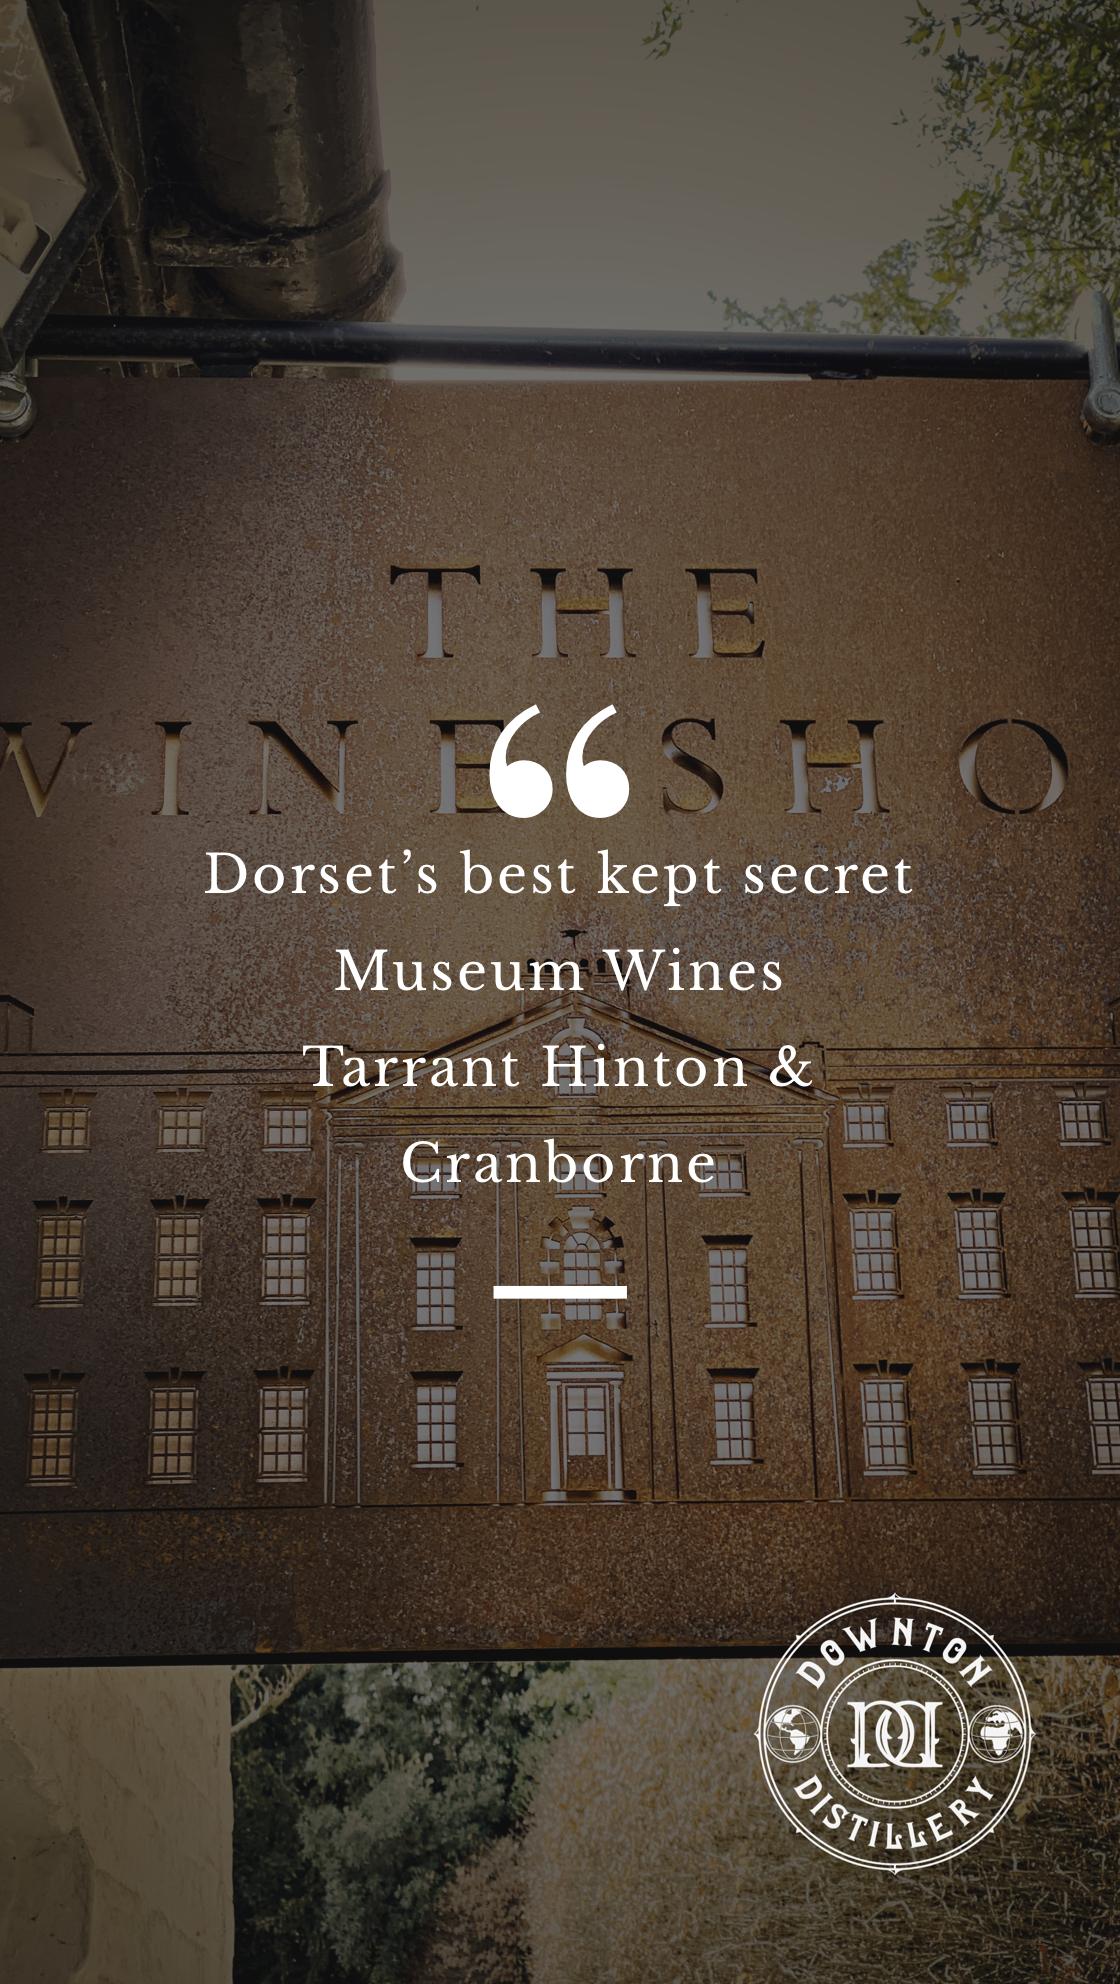 Downton Gin Cranborne Dorset